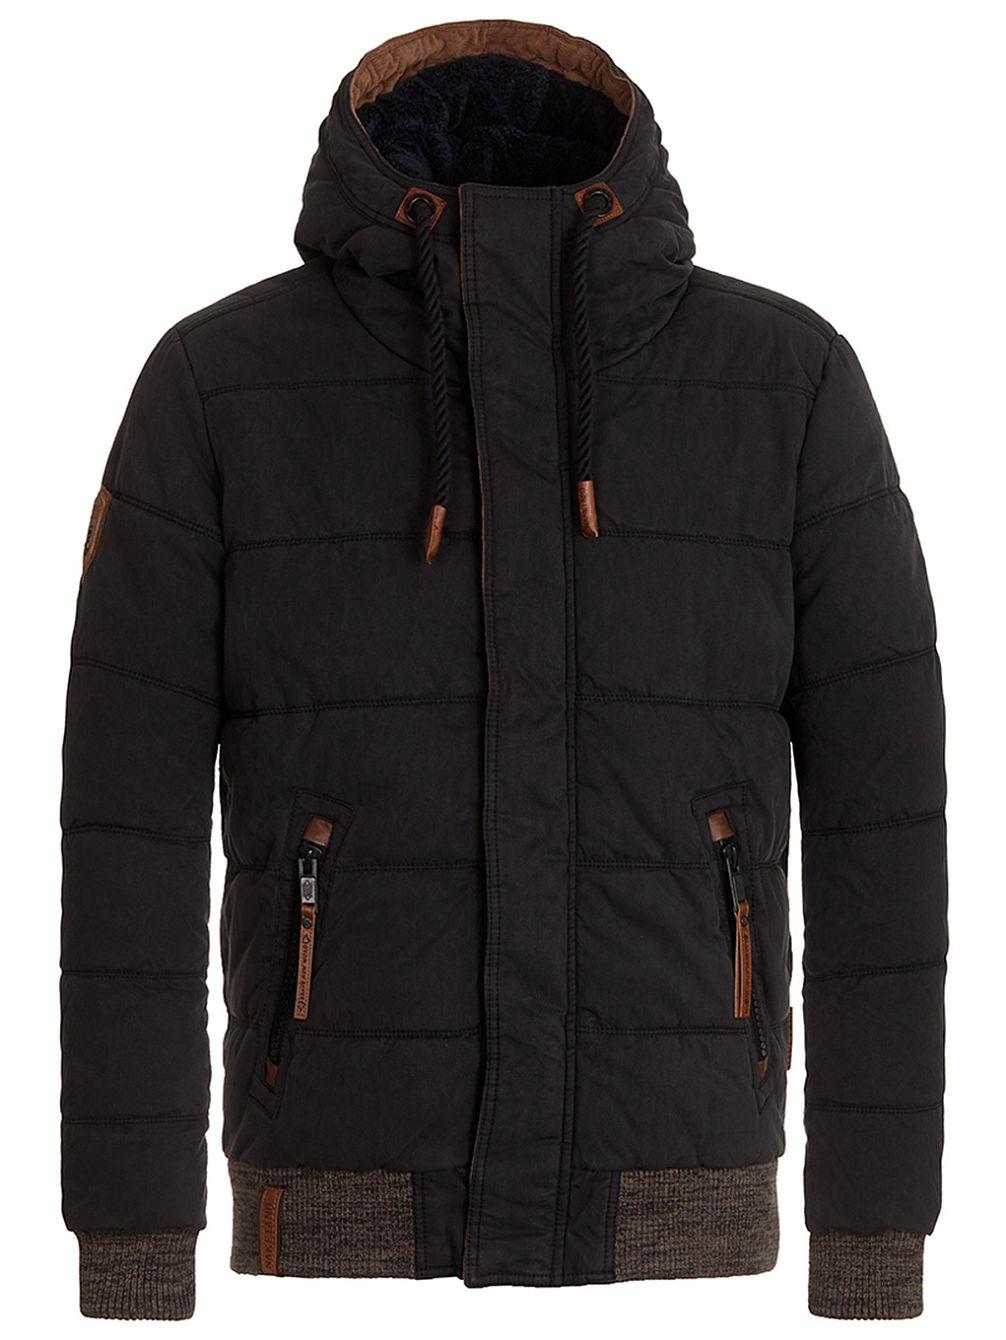 was-erlauben-strunz-jacket